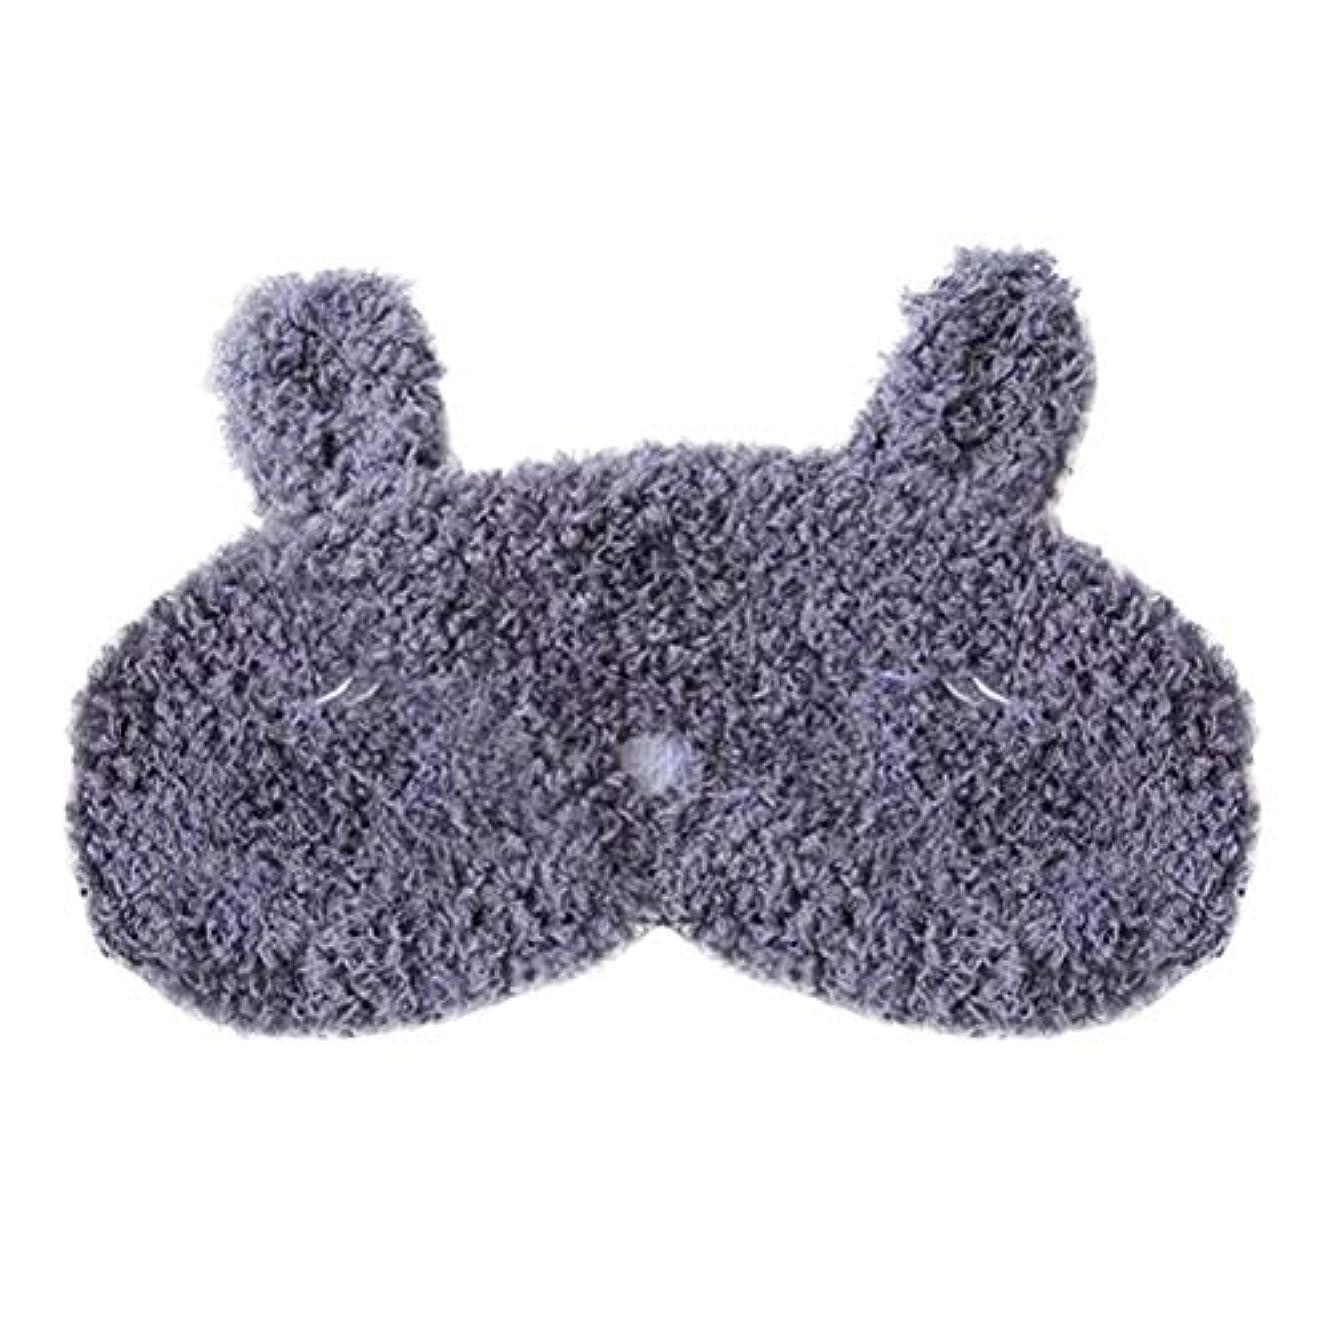 描くフローレジHealifty かわいいアイマスクアイシェッドカーネーションアイマスクウサギのキャットアイパッチ(睡眠ニップ(ネイビー)